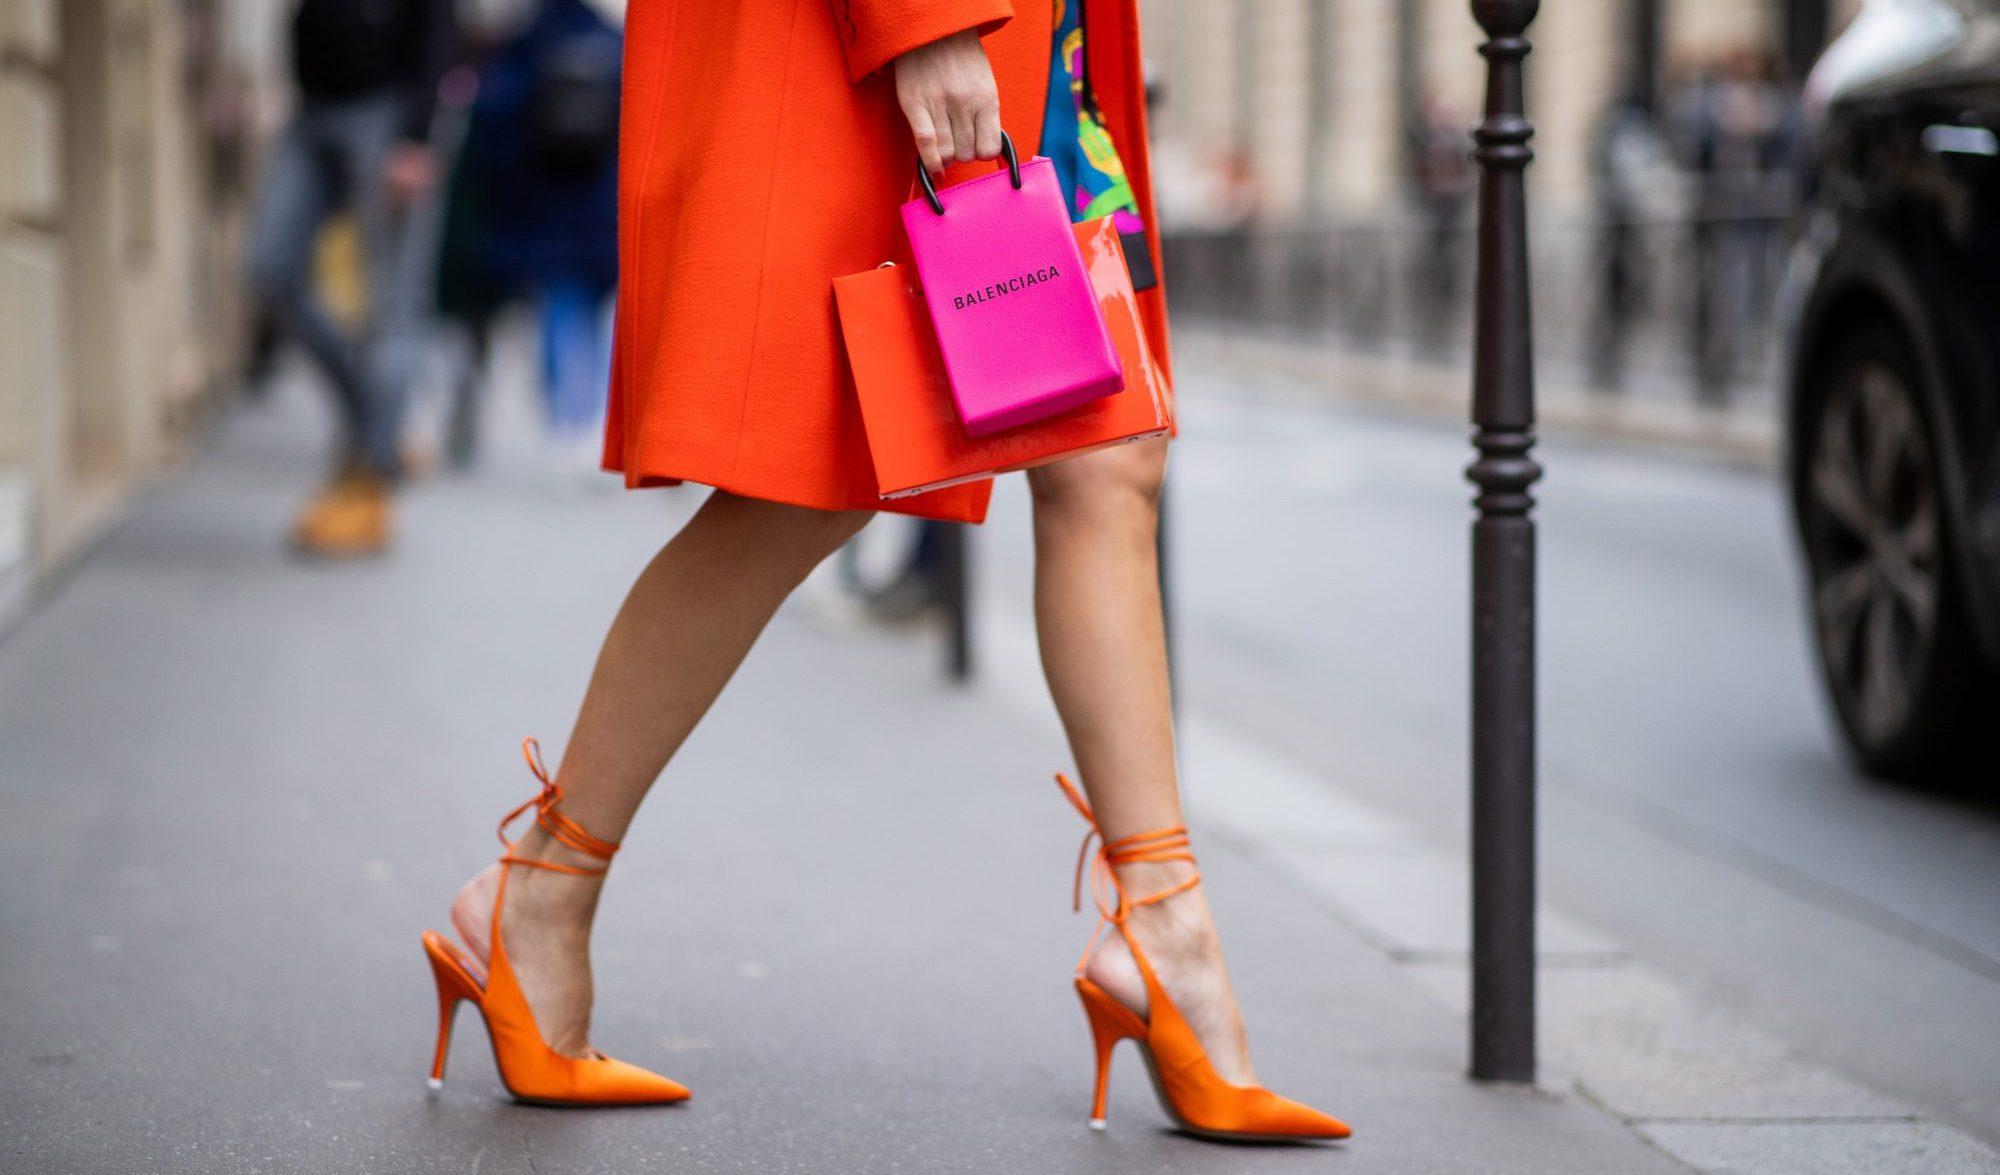 Τα high heels επιστρέφουν όπως και η νυχτερινή μας διασκέδαση.10 super ψηλοτάκουνα για να χορεύεις όλη νύχτα Όπως έχει πει και ο Manolo Blahnik, «You put high heels on and you change».